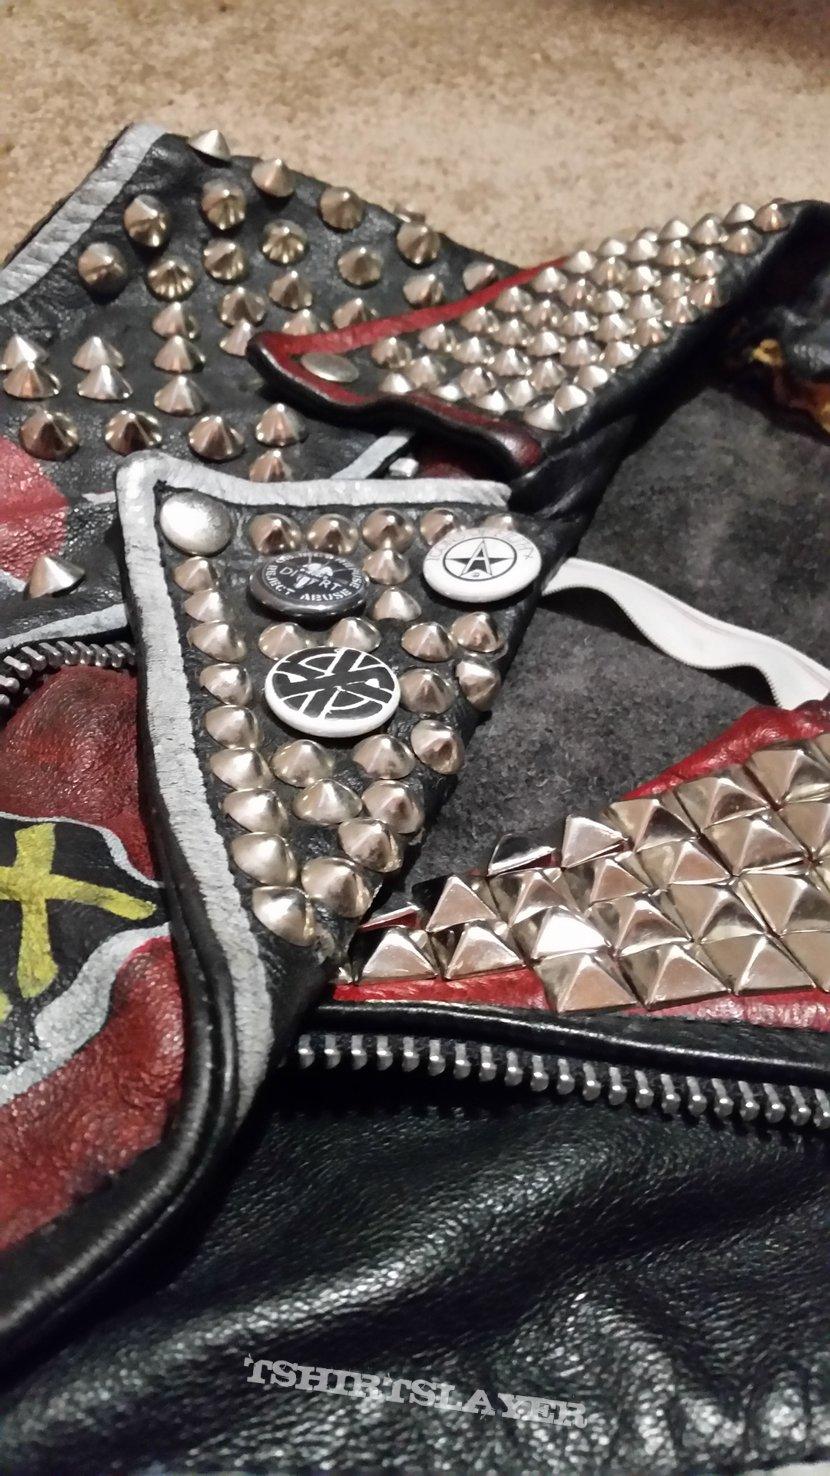 gutter punk studded leather vest